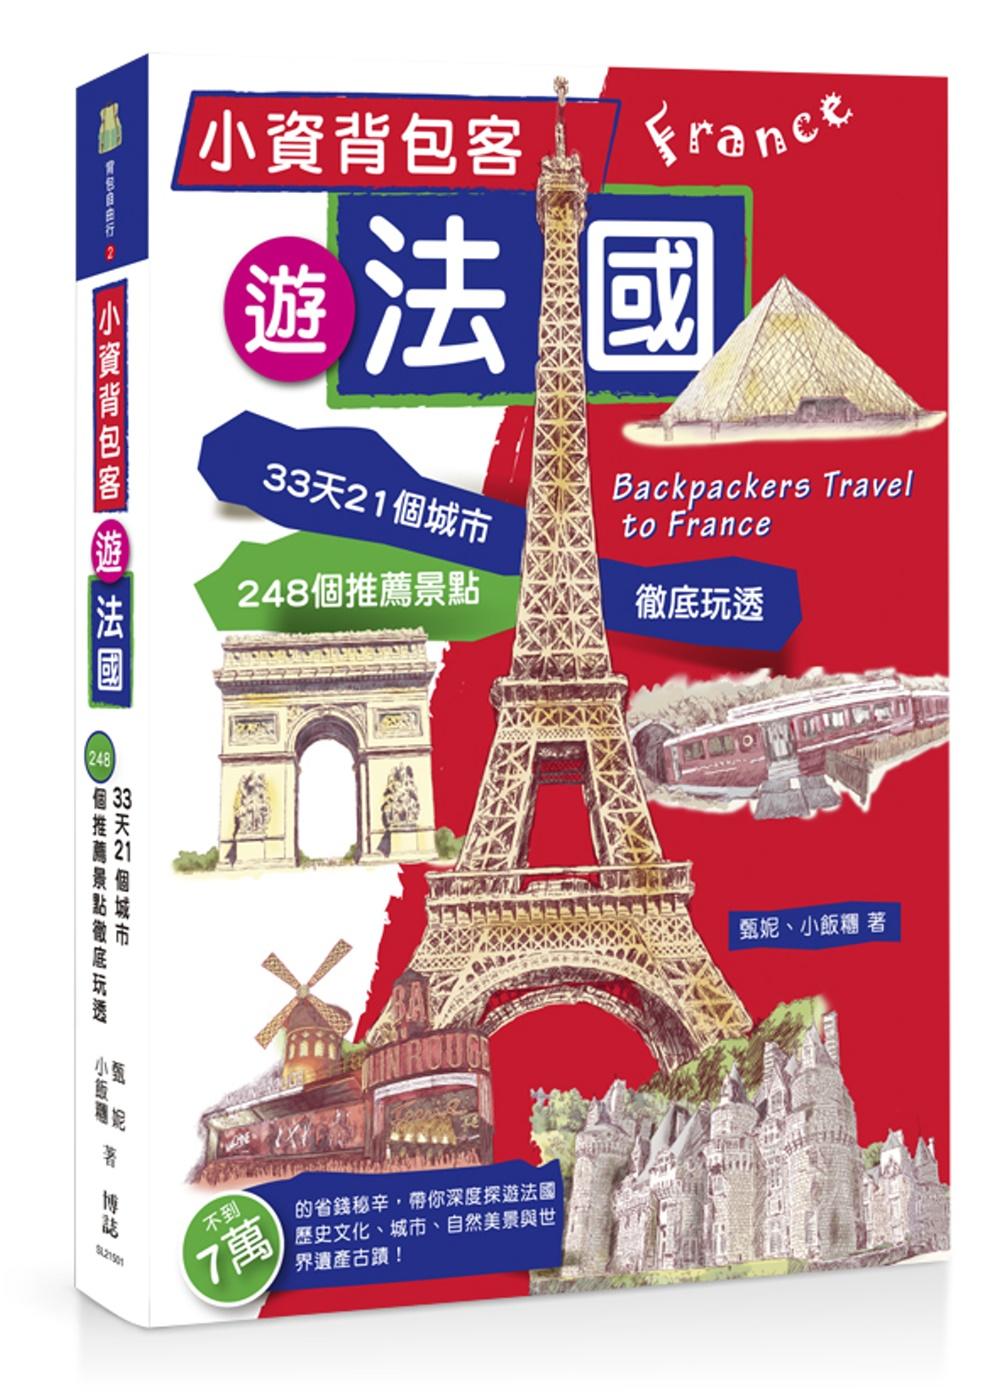 小資背包客遊法國:33天21城市248個推薦景點徹底玩透